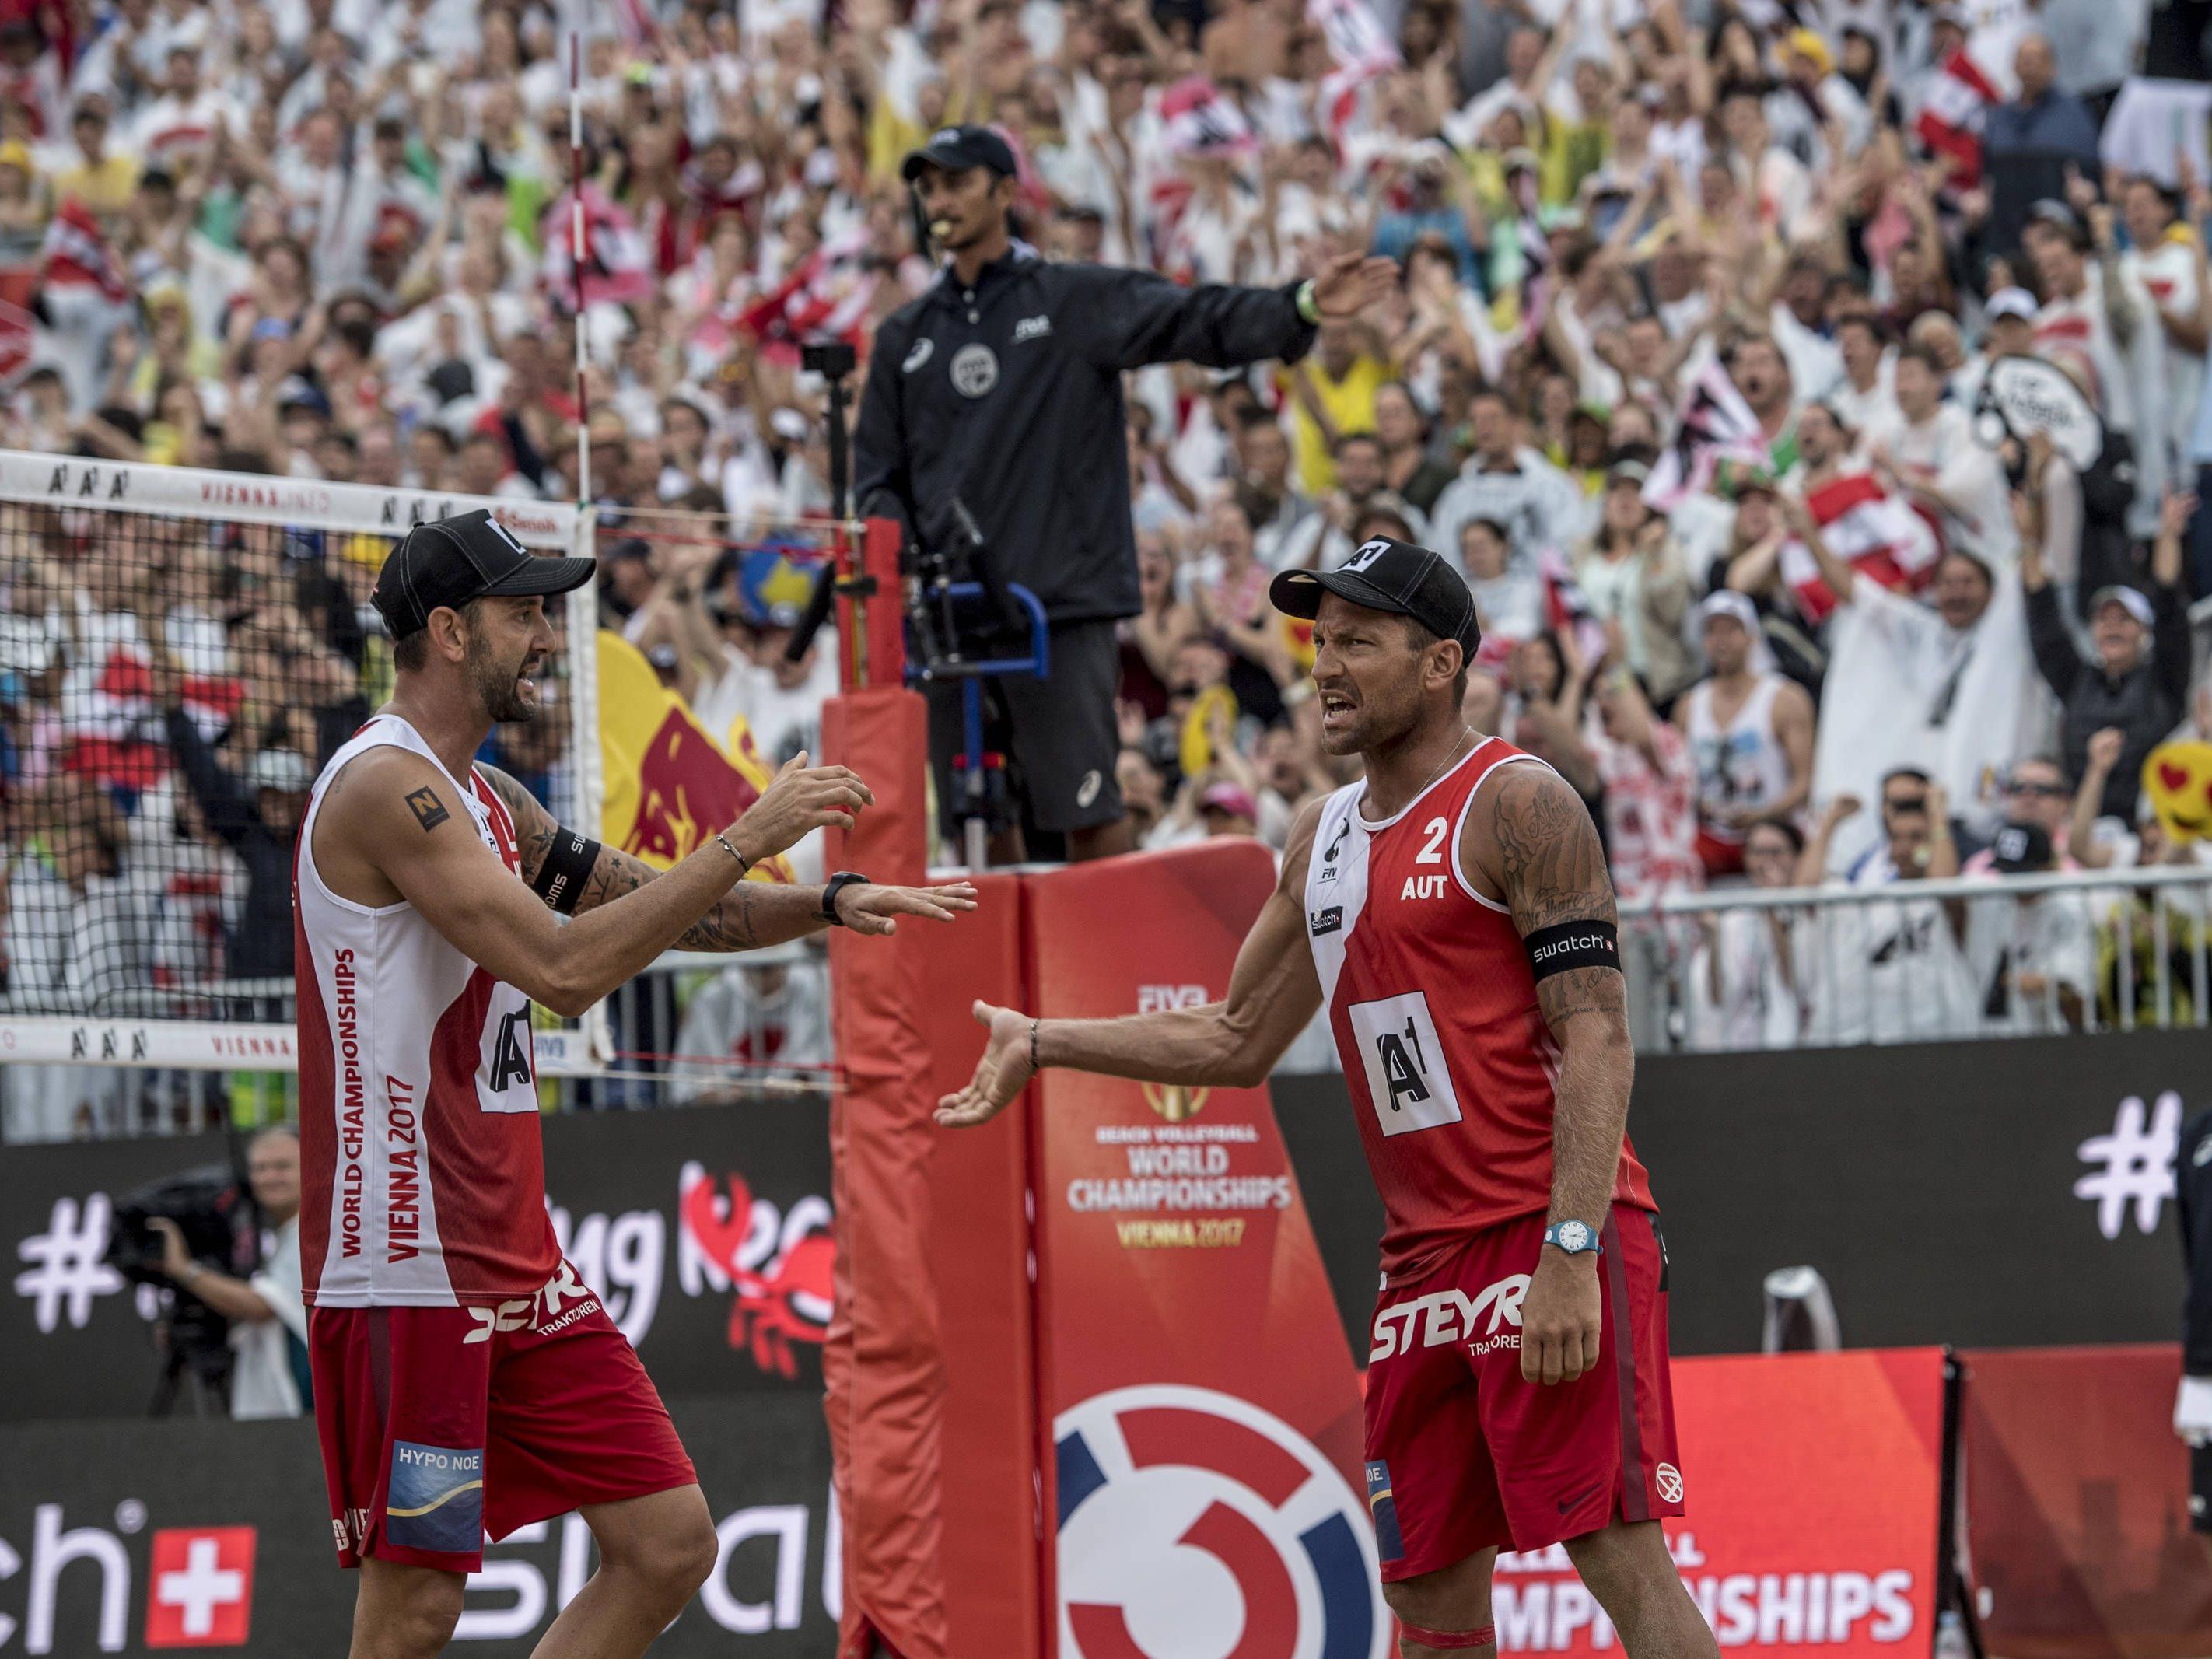 Clemens Doppler und Alex Horst holten Österreichs erste Medaille bei einer Beach-Volleyball-Weltmeisterschaft.